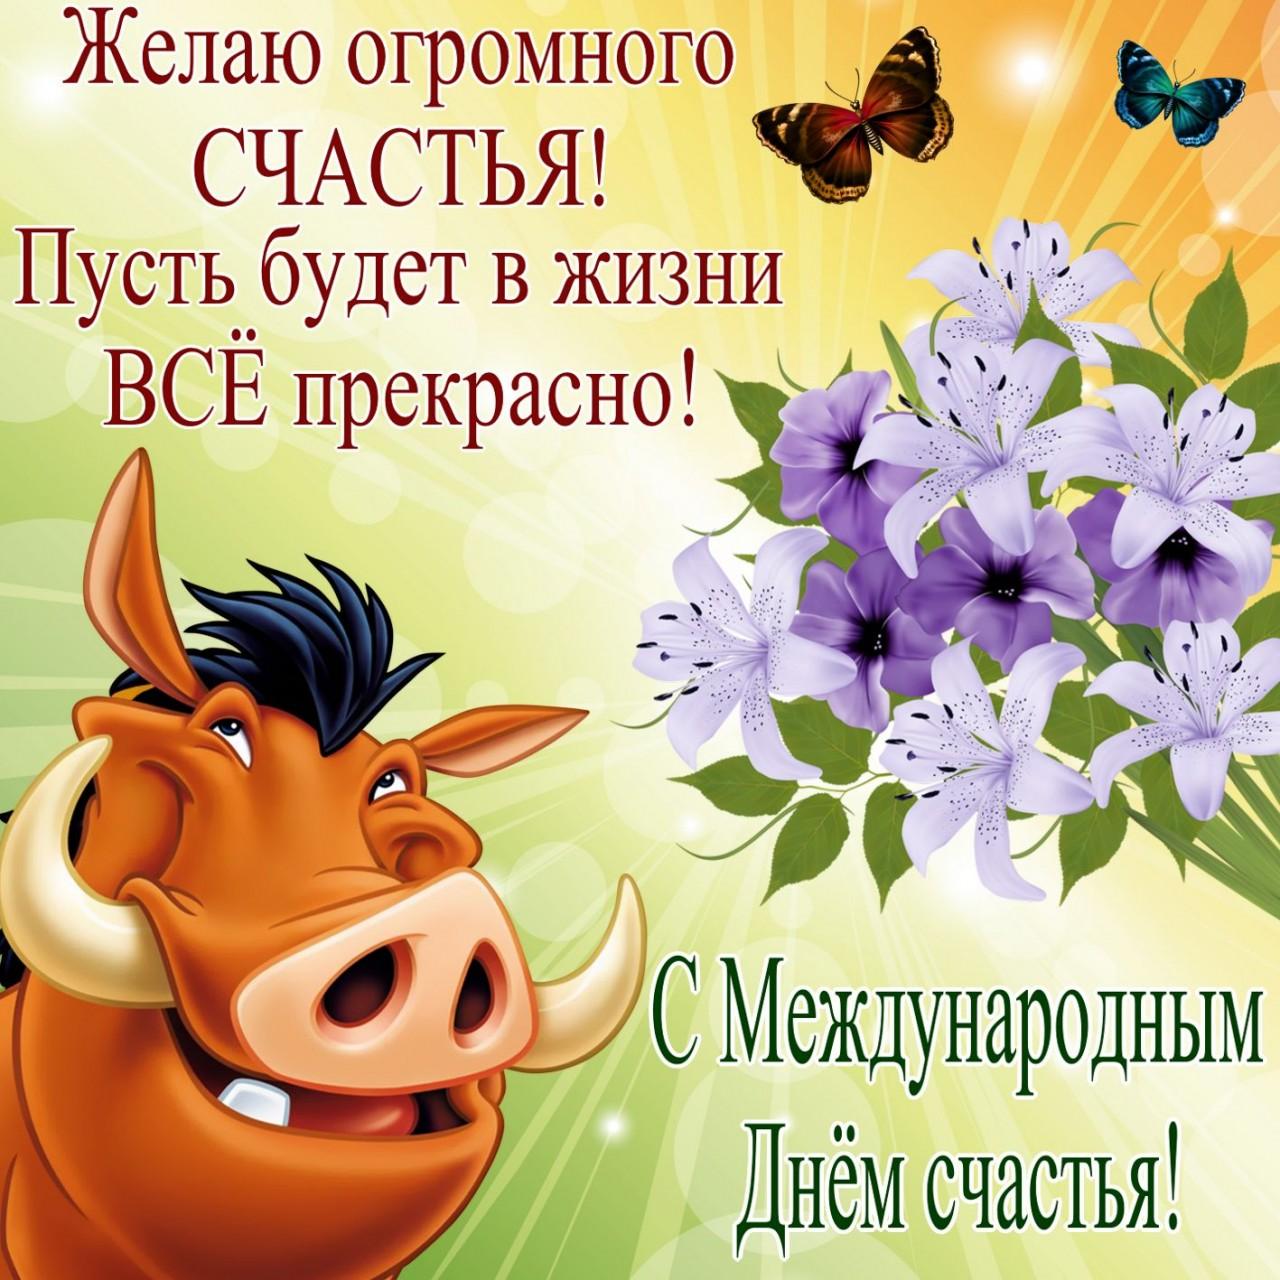 открытки к дню счастья 20 марта картинки самом деле